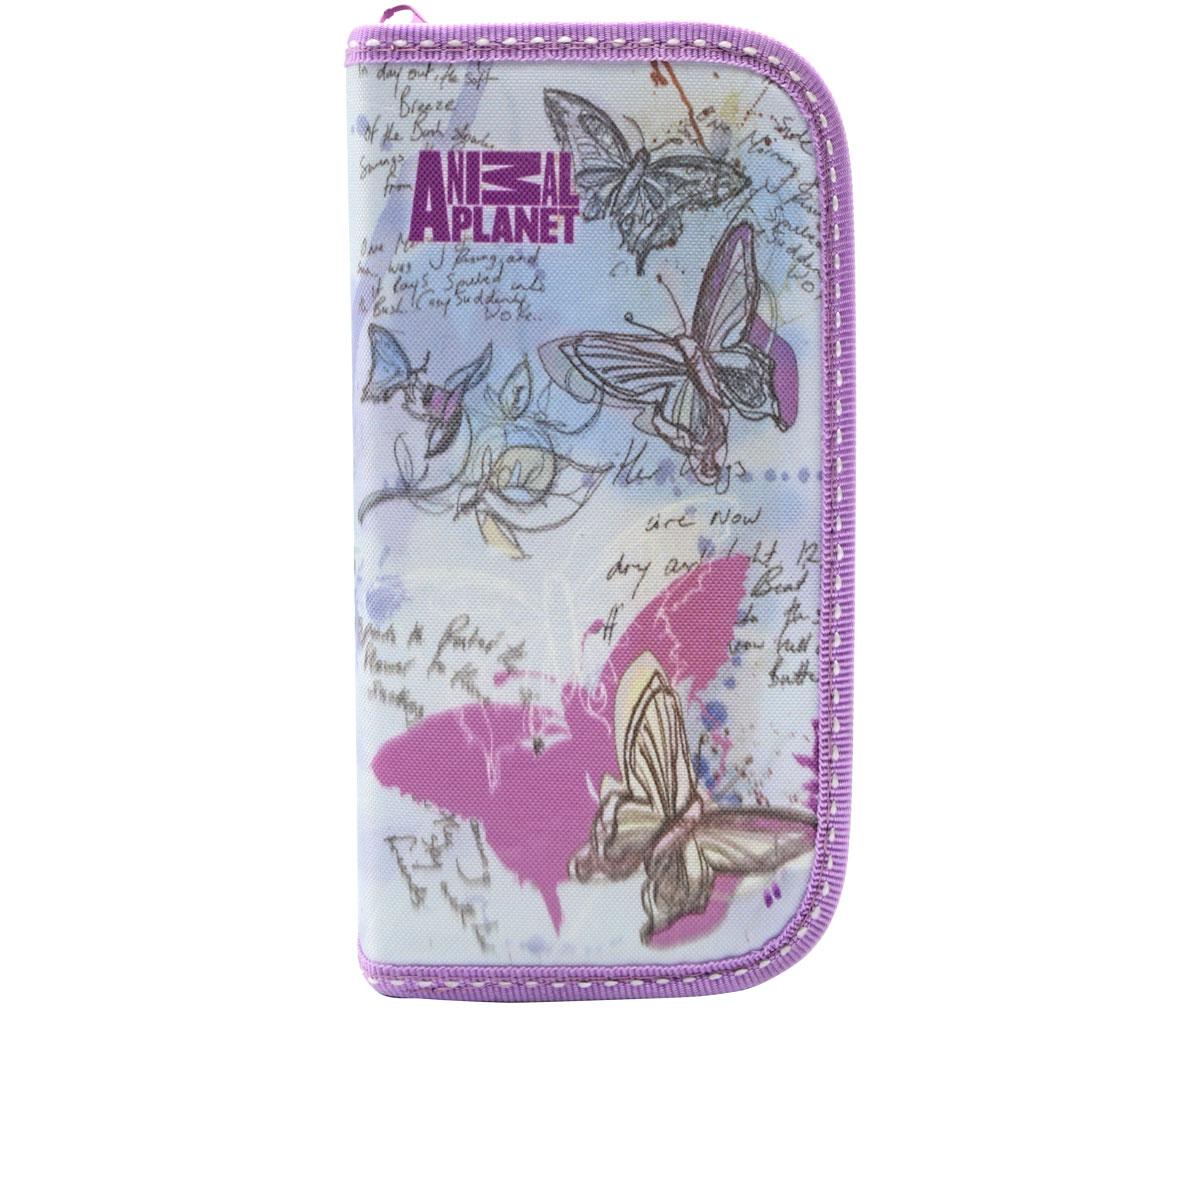 Action! Пенал Animal Planet цвет серый фиолетовый72523WDМатериал - полиэстер. 2 отделения на молнии. Без наполнения. Размер 20 х 13 см.